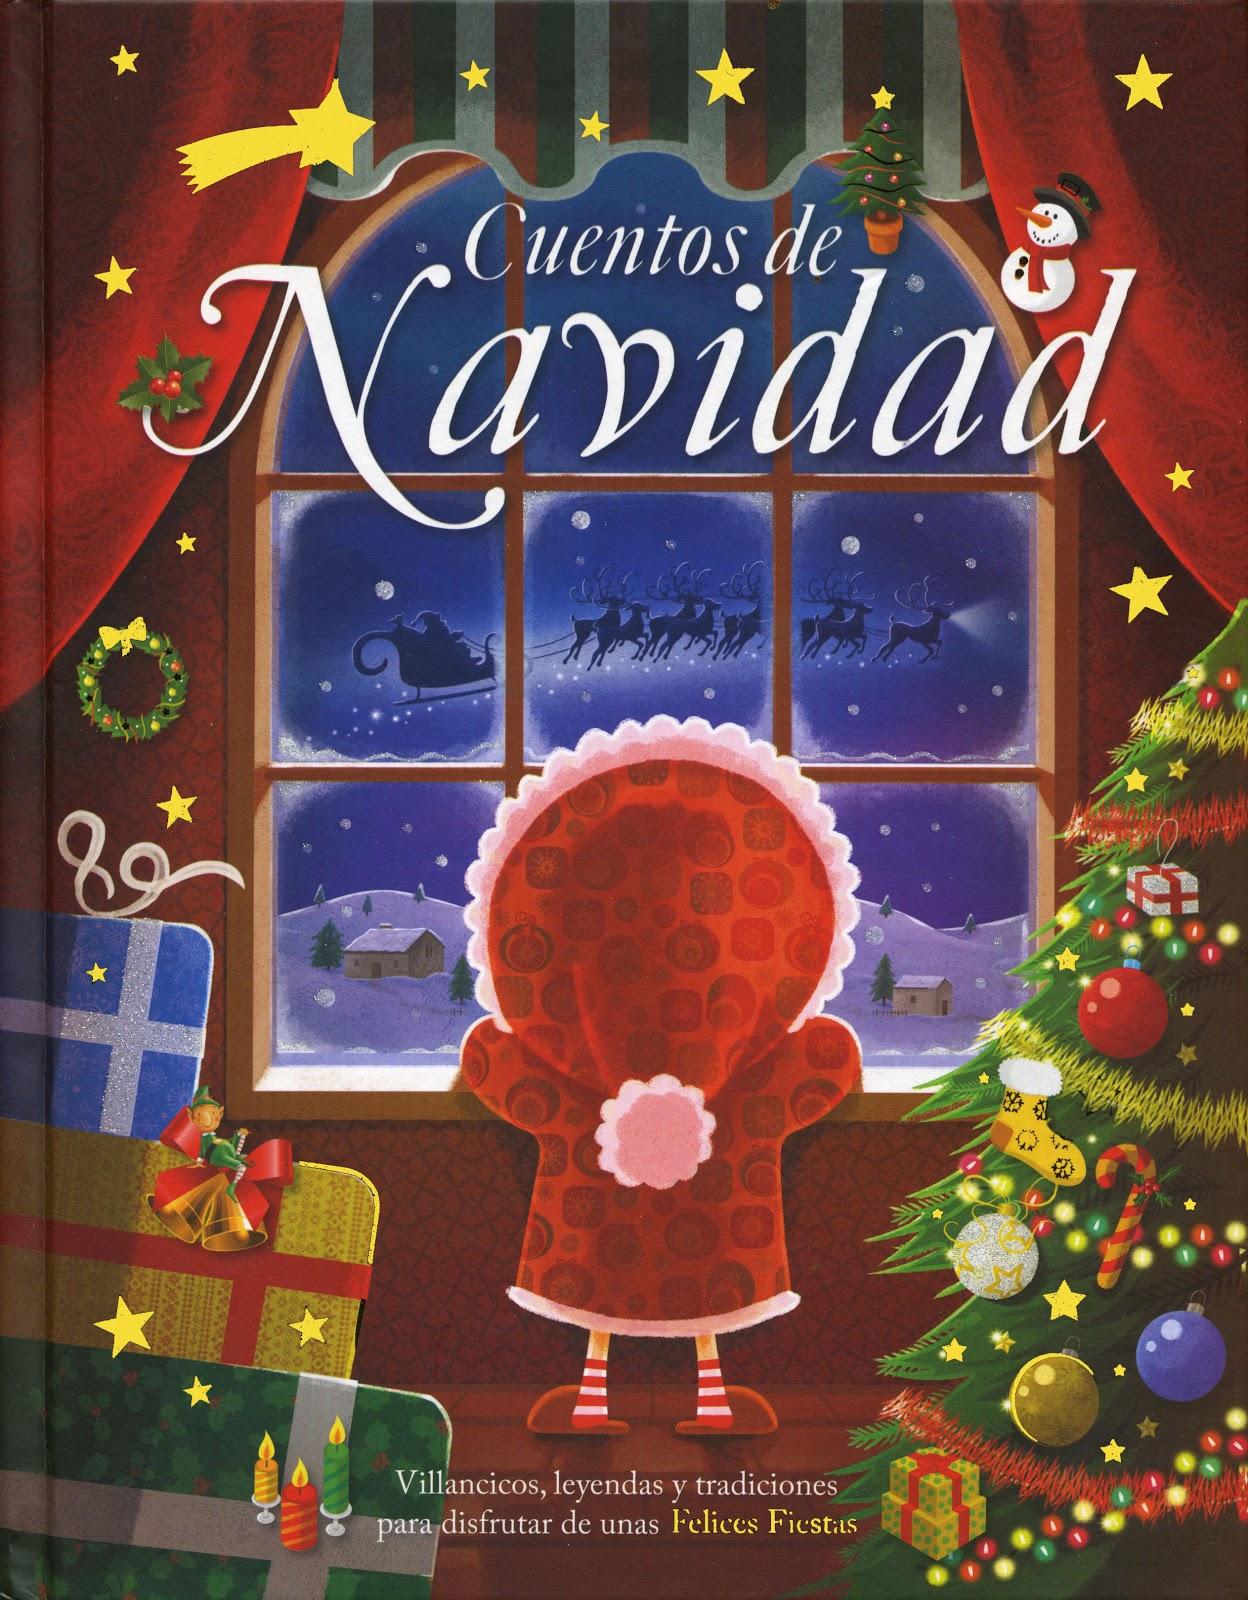 Literatil cuentos de navidad - Cuentos de navidad para ninos pequenos ...